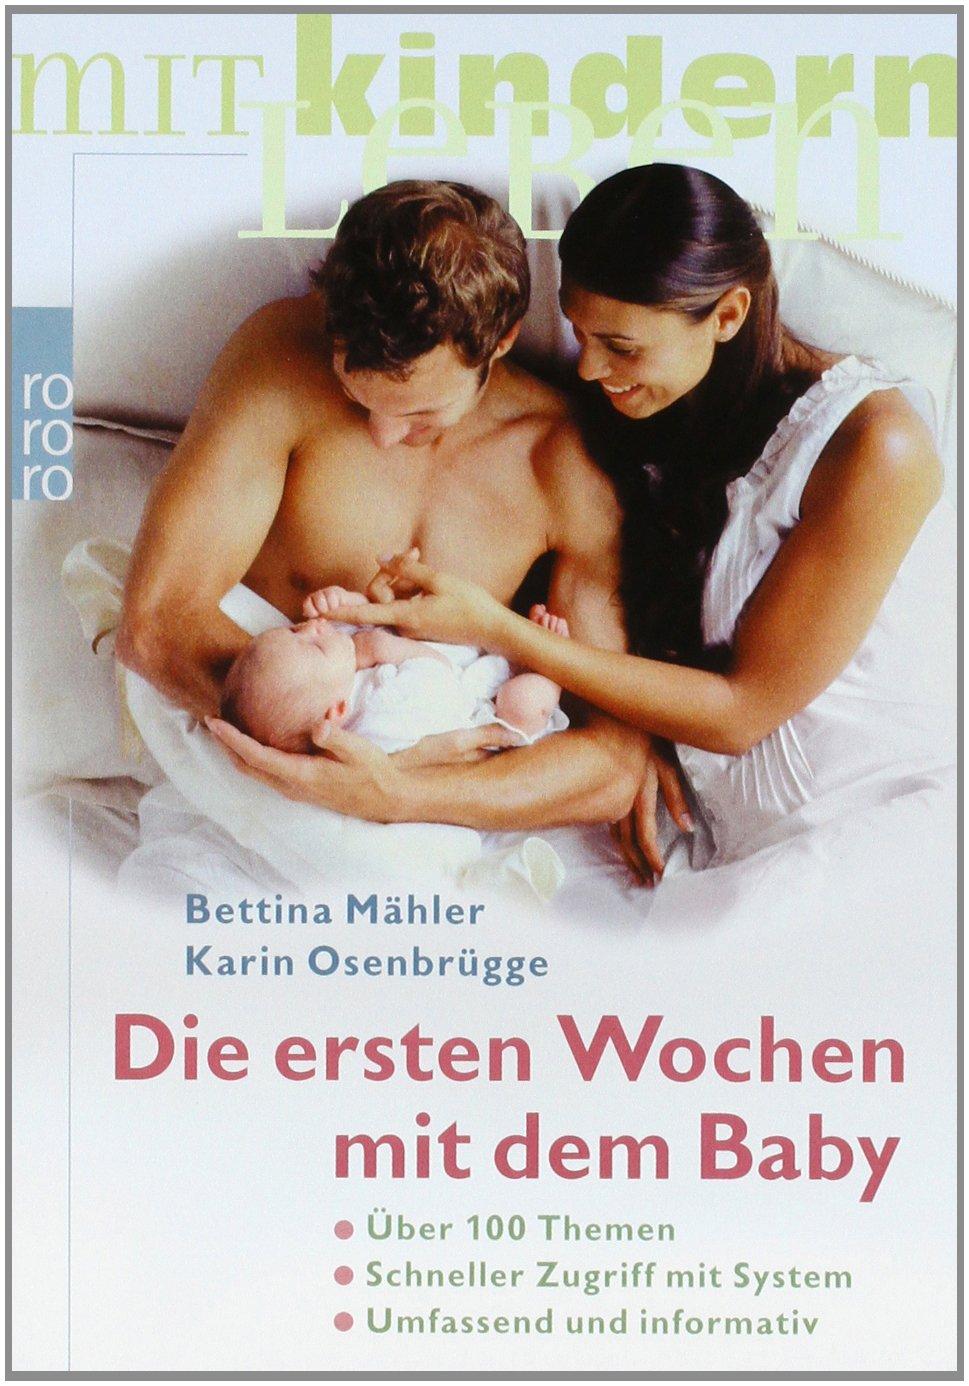 Die ersten Wochen mit dem Baby: Über 100 Themen - Schneller Zugriff mit System - Umfassend und informativ